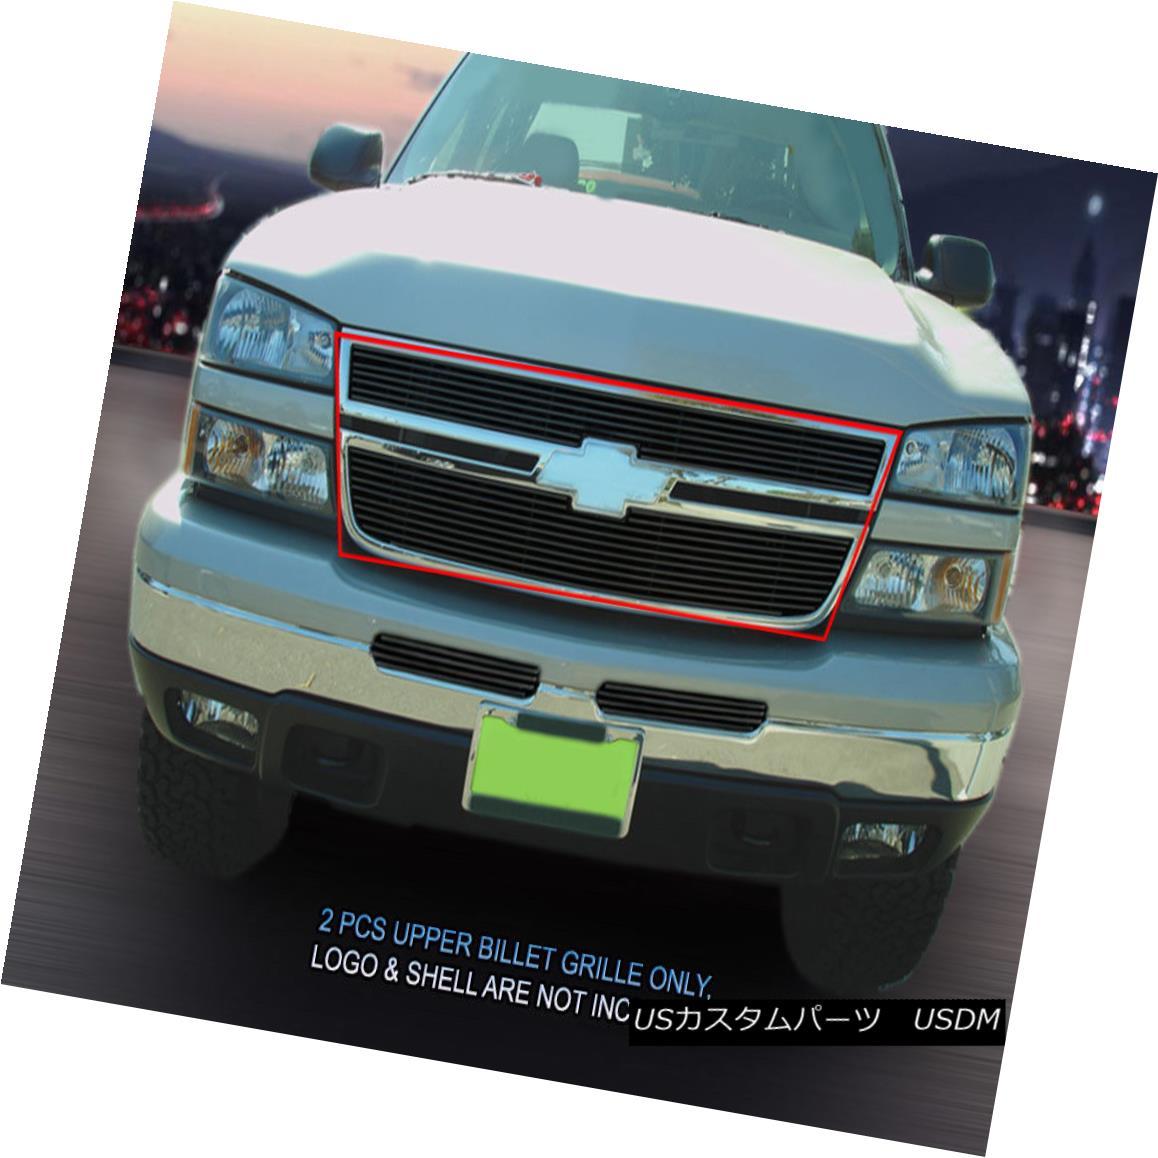 グリル 05-07 Chevy Silverado 1500 2500 3500 HD Black Billet Grille Combo Insert Fedar 05-07 Chevy Silverado 1500 2500 3500 HD Black Billet GrilleコンボインサートFedar